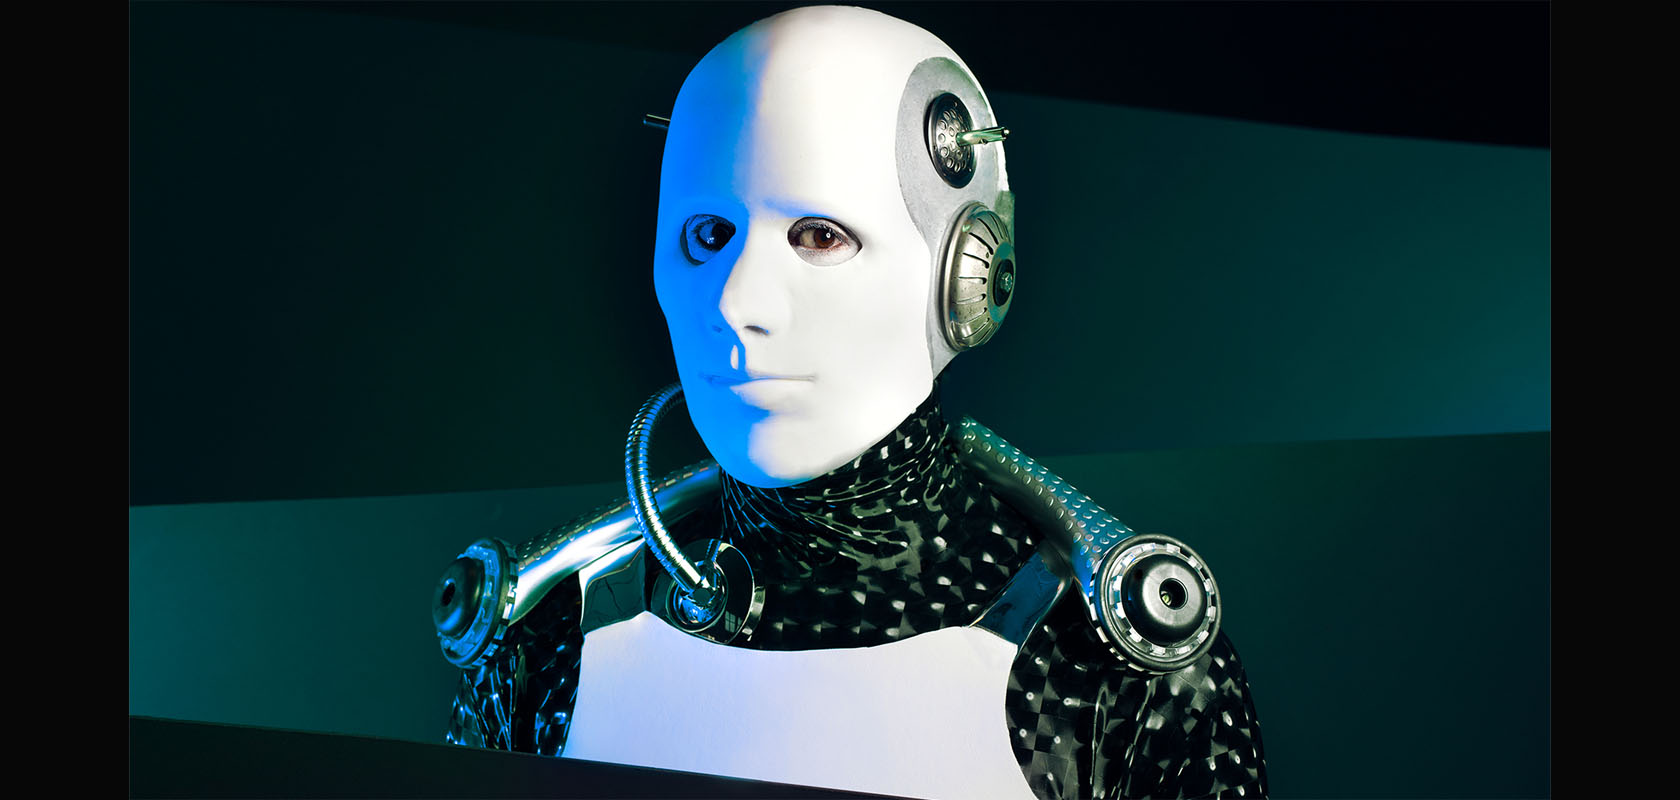 Robot-Campagnebeeld-zonder-tekst